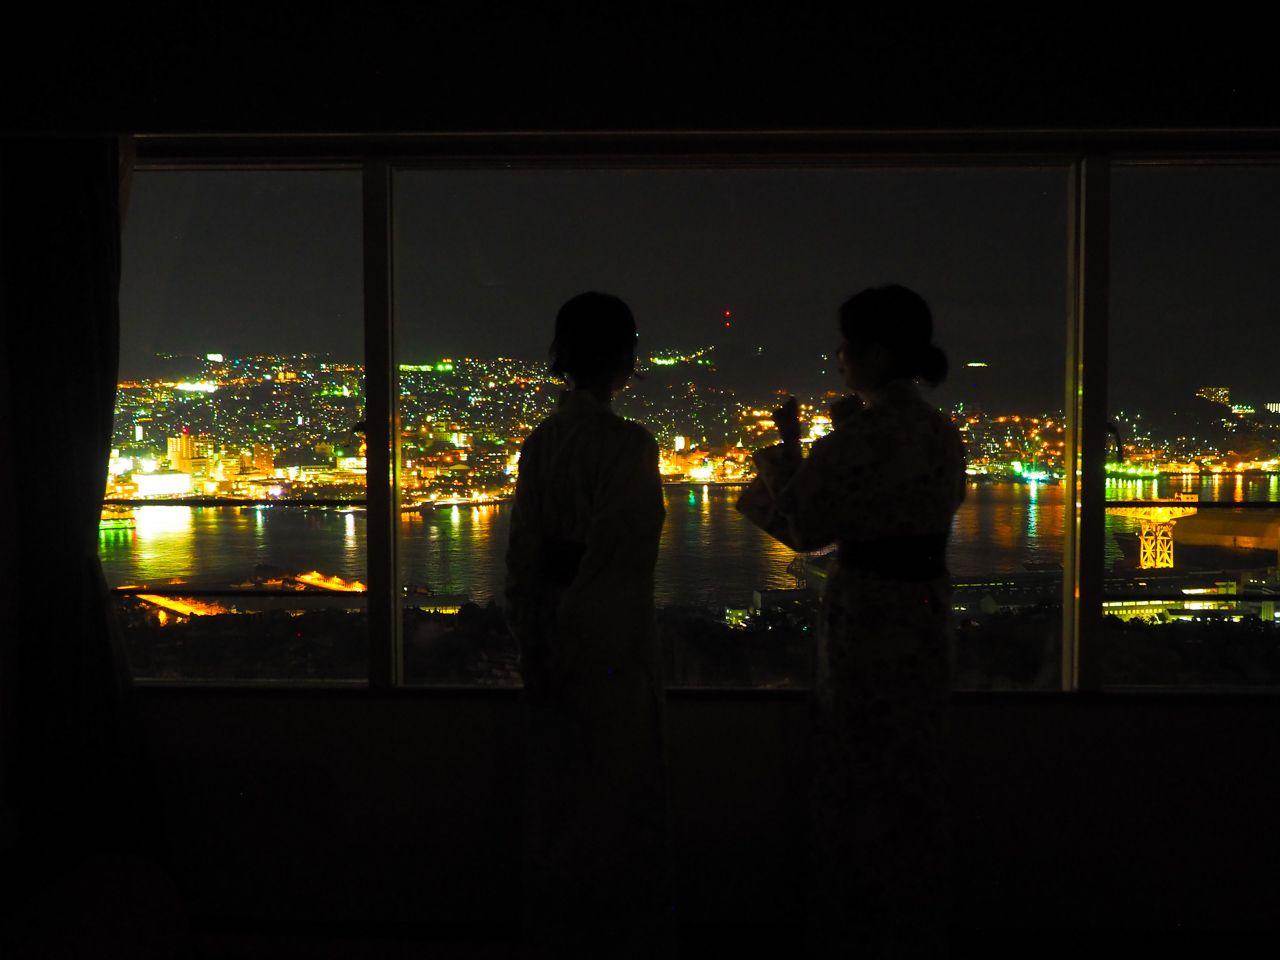 絶景に出会える「大江戸温泉物語 長崎ホテル清風」の客室